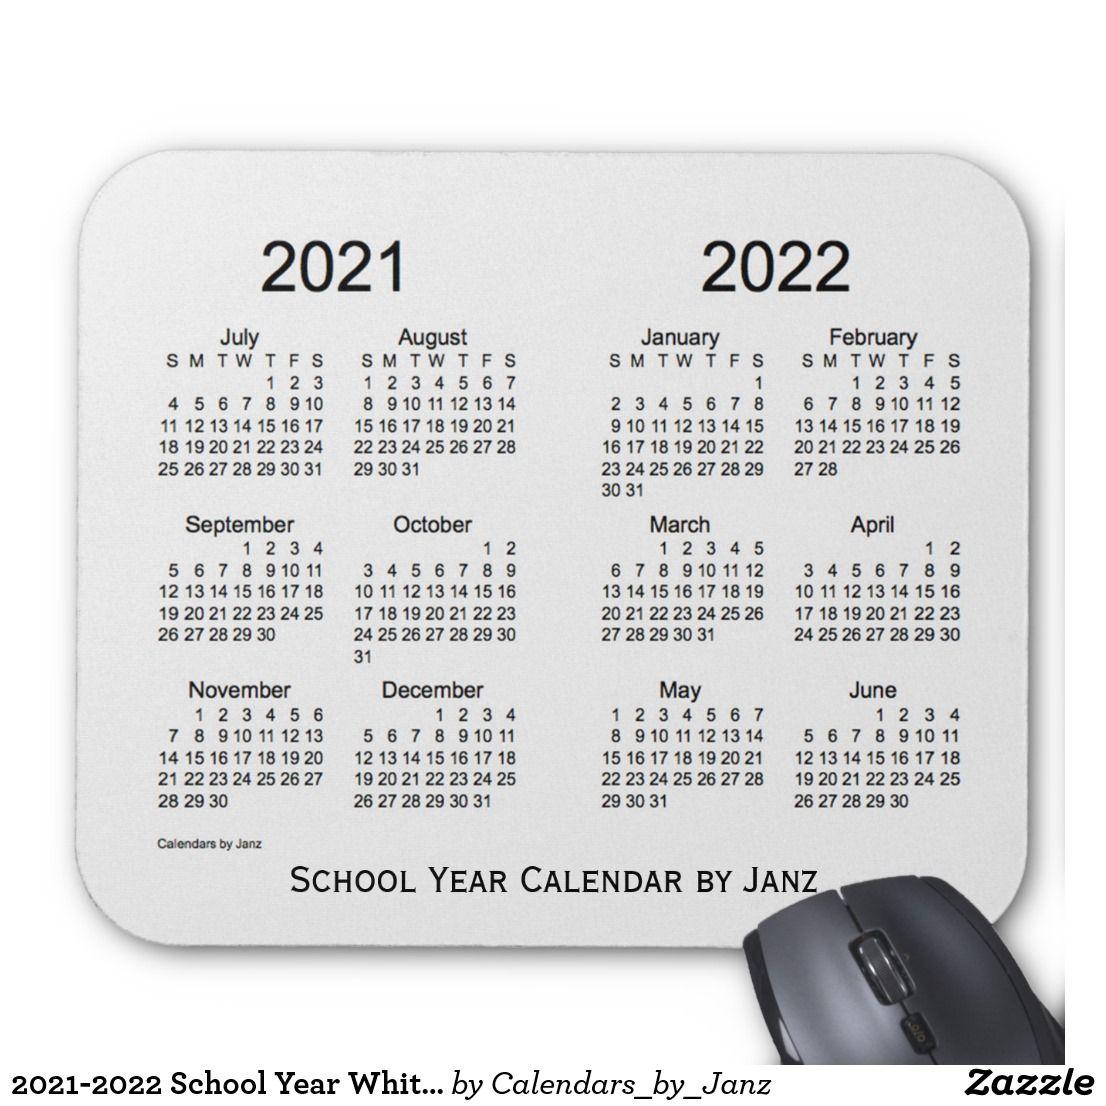 20212022 School Year White Smoke Calendar by Janz Mouse